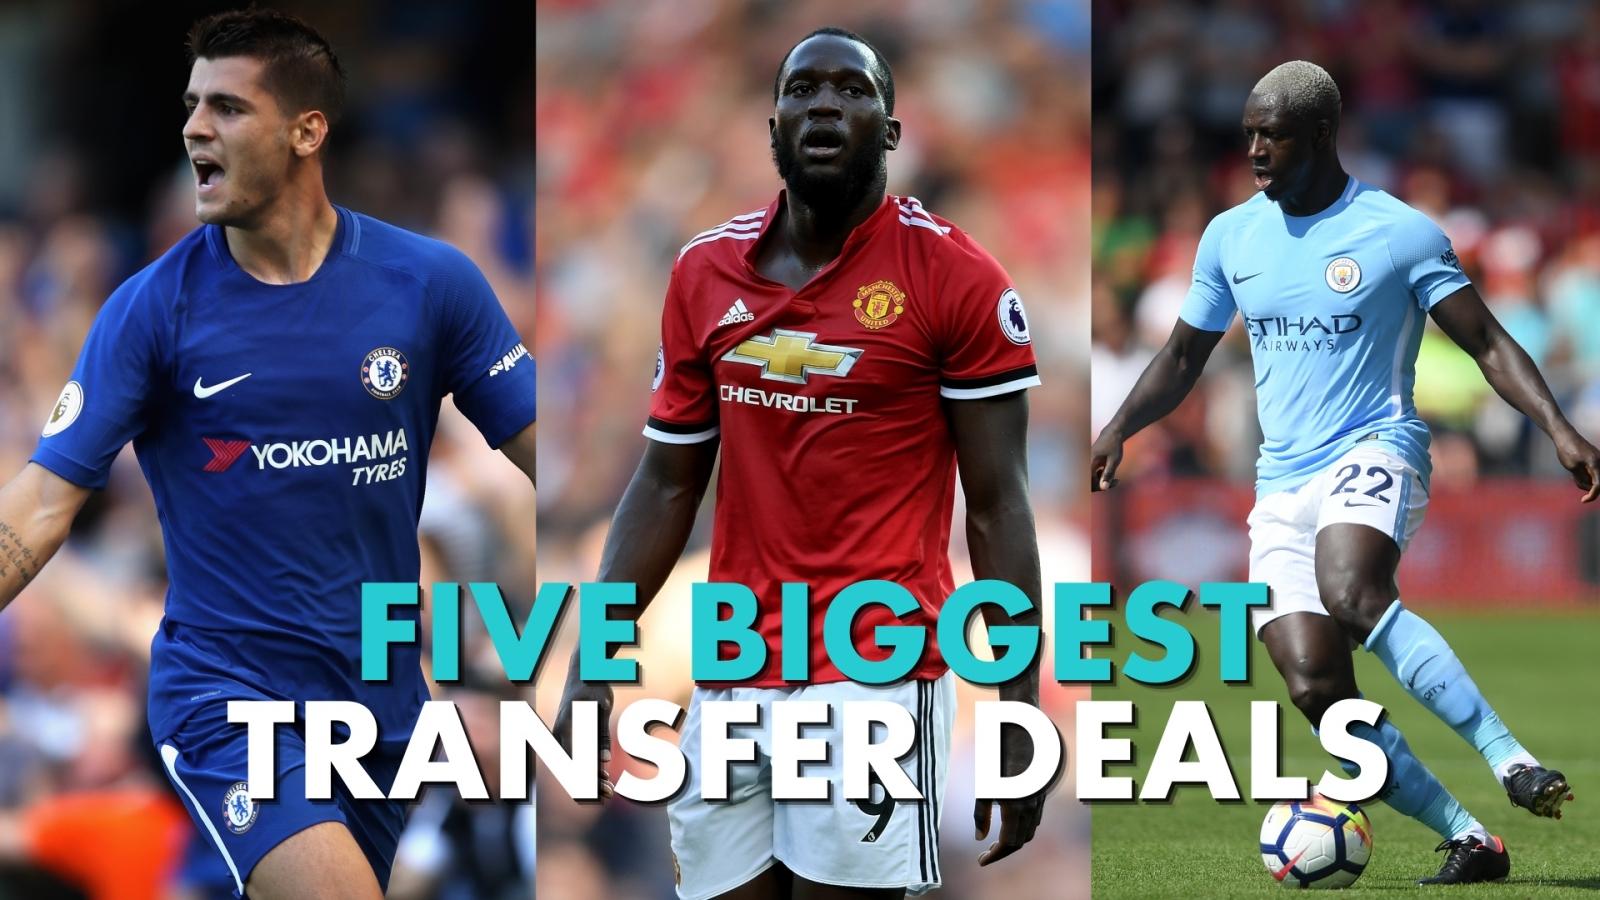 Five biggest Premier League transfer deals